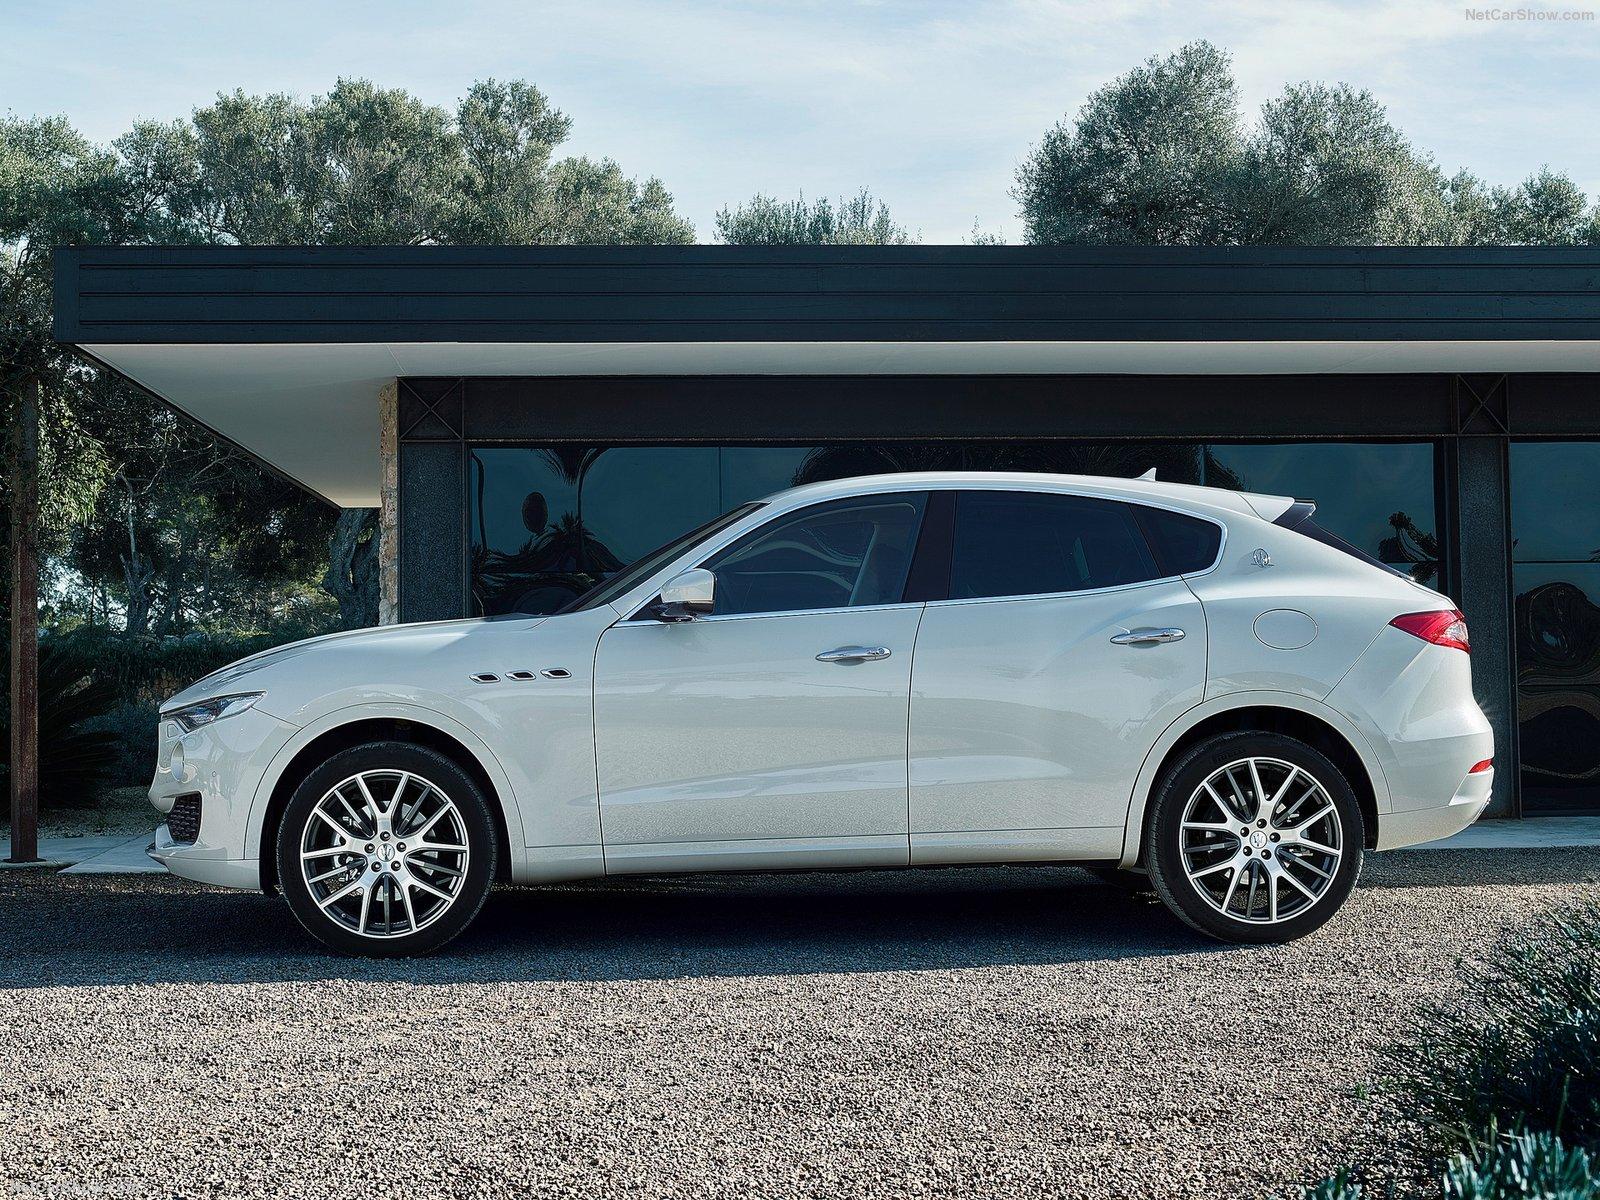 Maserati-Levante_2017_1600x1200_wallpaper_06